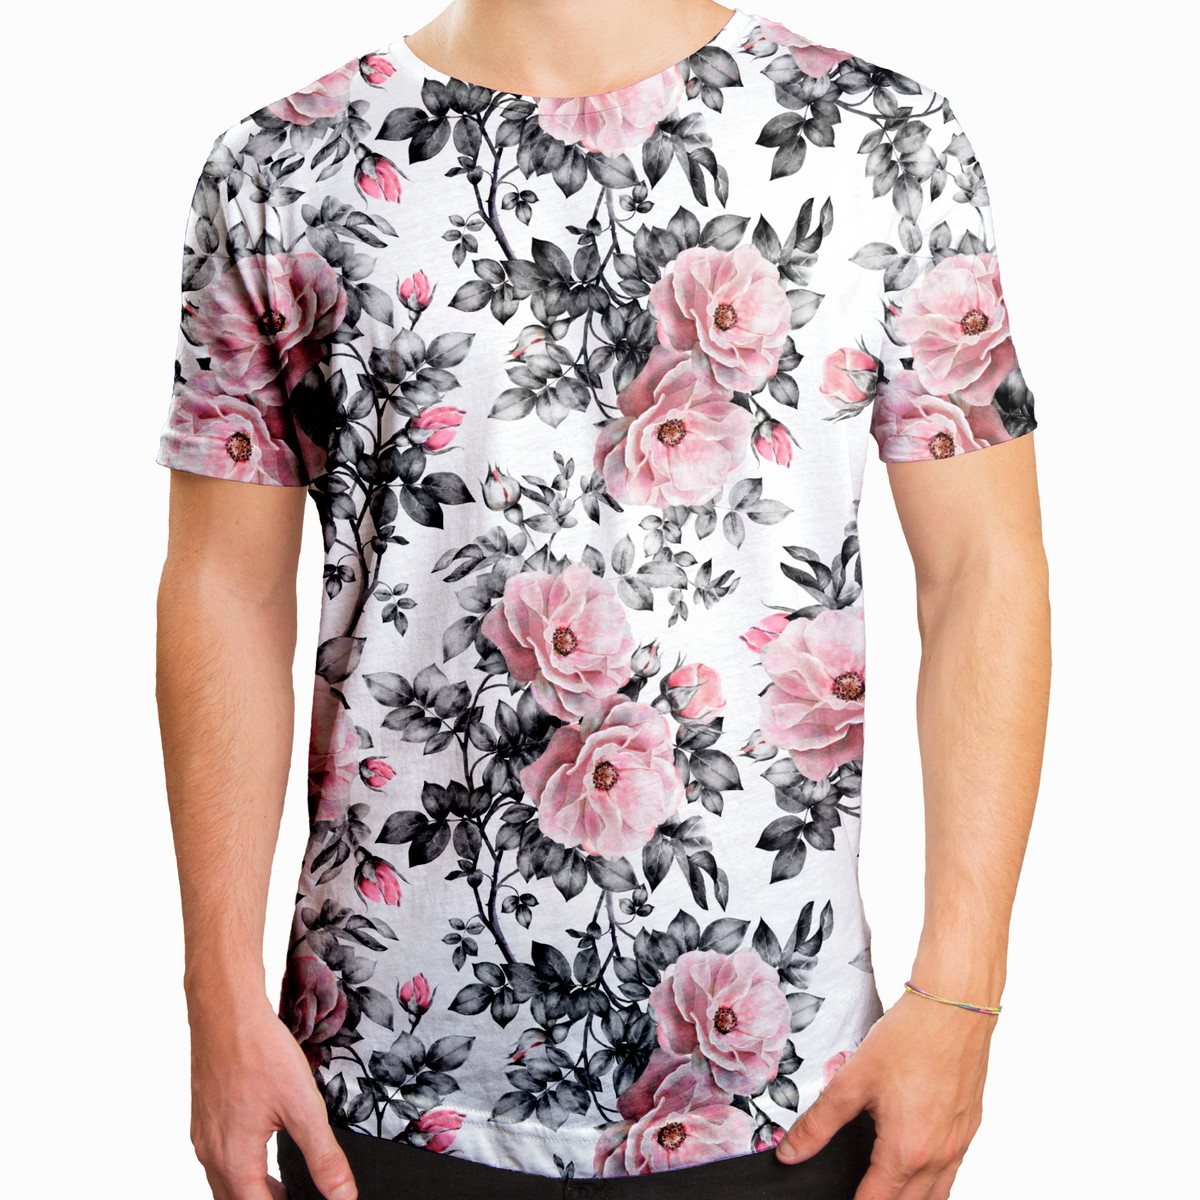 633080ff6 Camiseta Masculina Longline Swag Floral E Folhas no Elo7